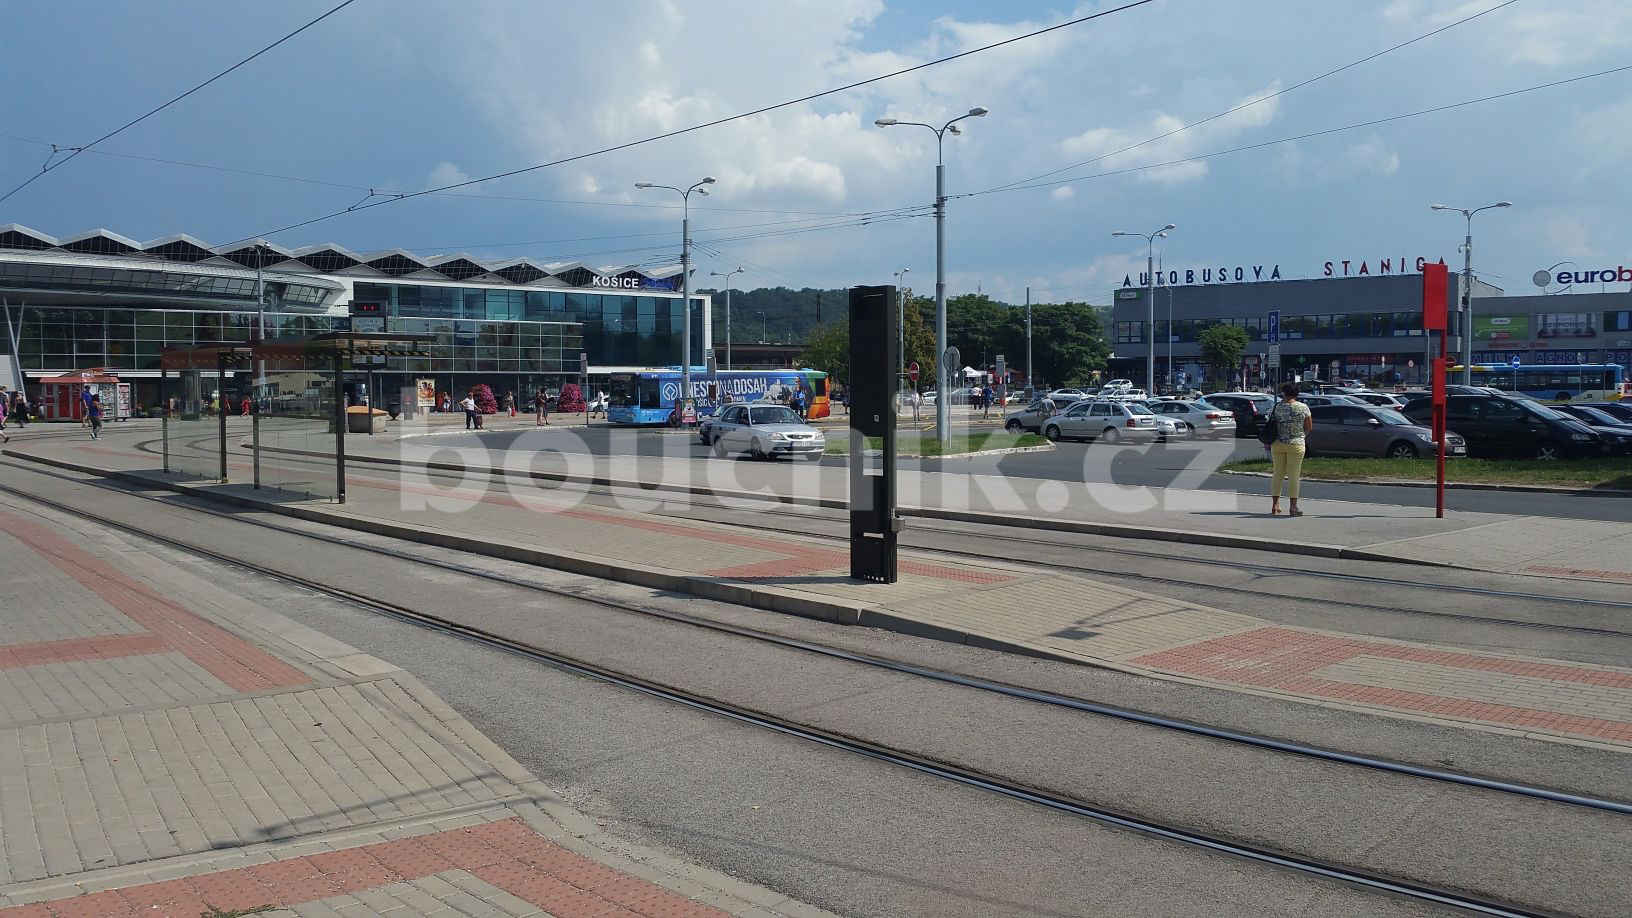 Přednádražní plocha před nádražím v Košicích